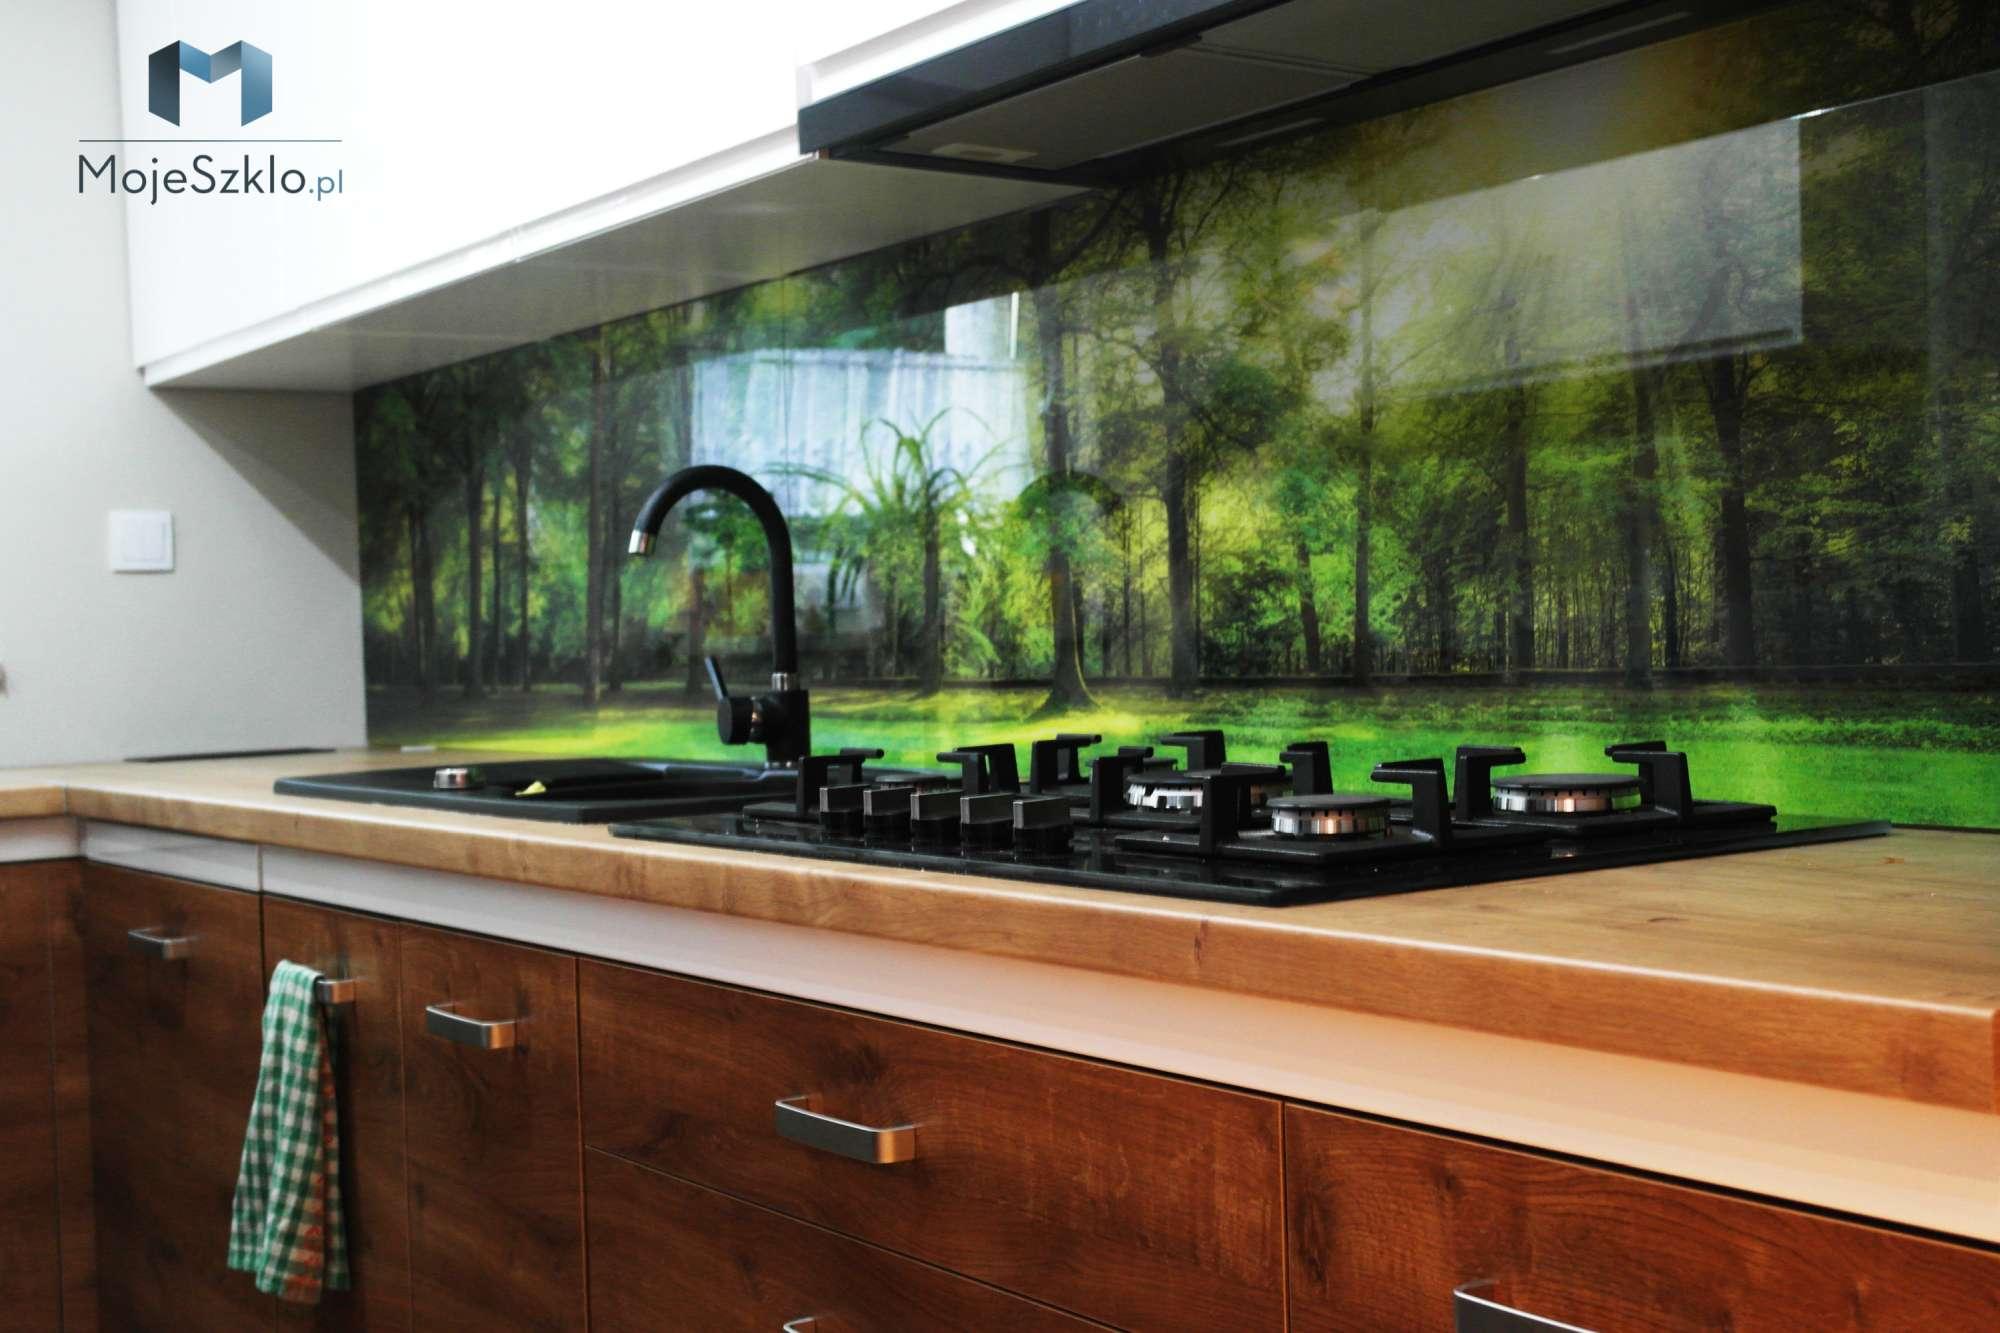 Szklo W Kuchni Las - Szkło w kuchni. Krajobrazy i lasy